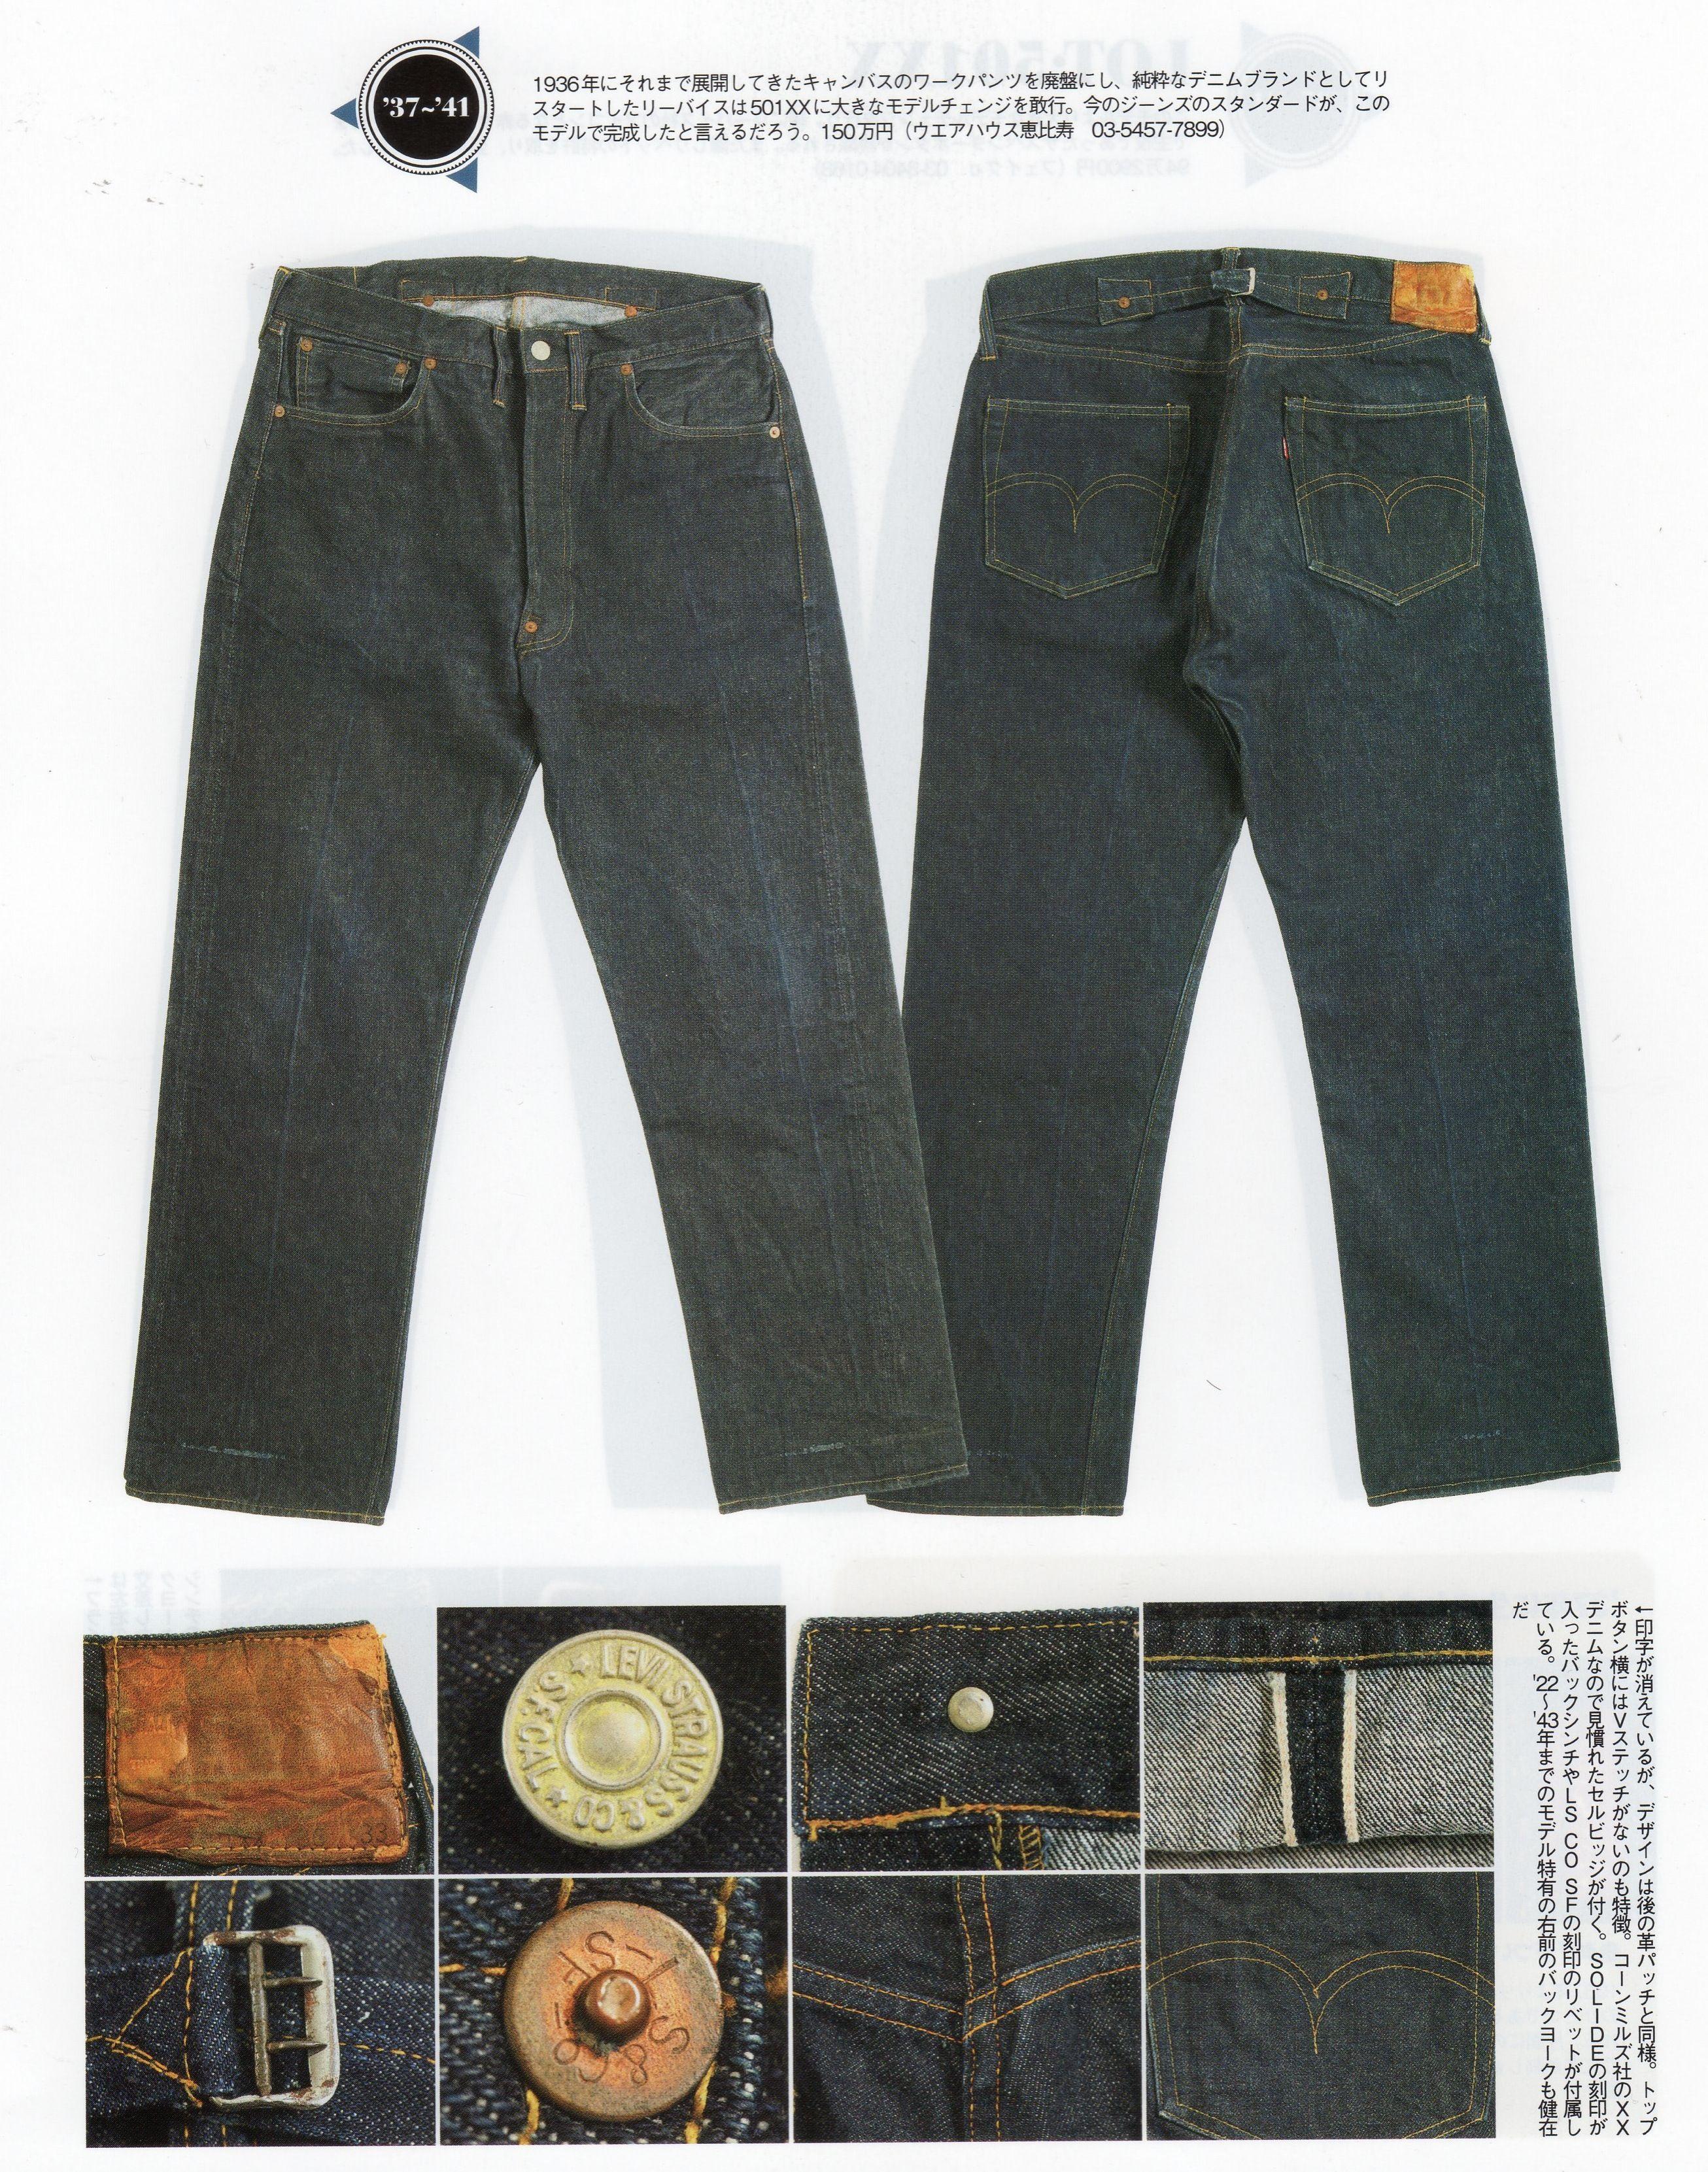 Levi S 501xx 1937 1941 Vintage Jeans Levis Vintage Clothing Levi